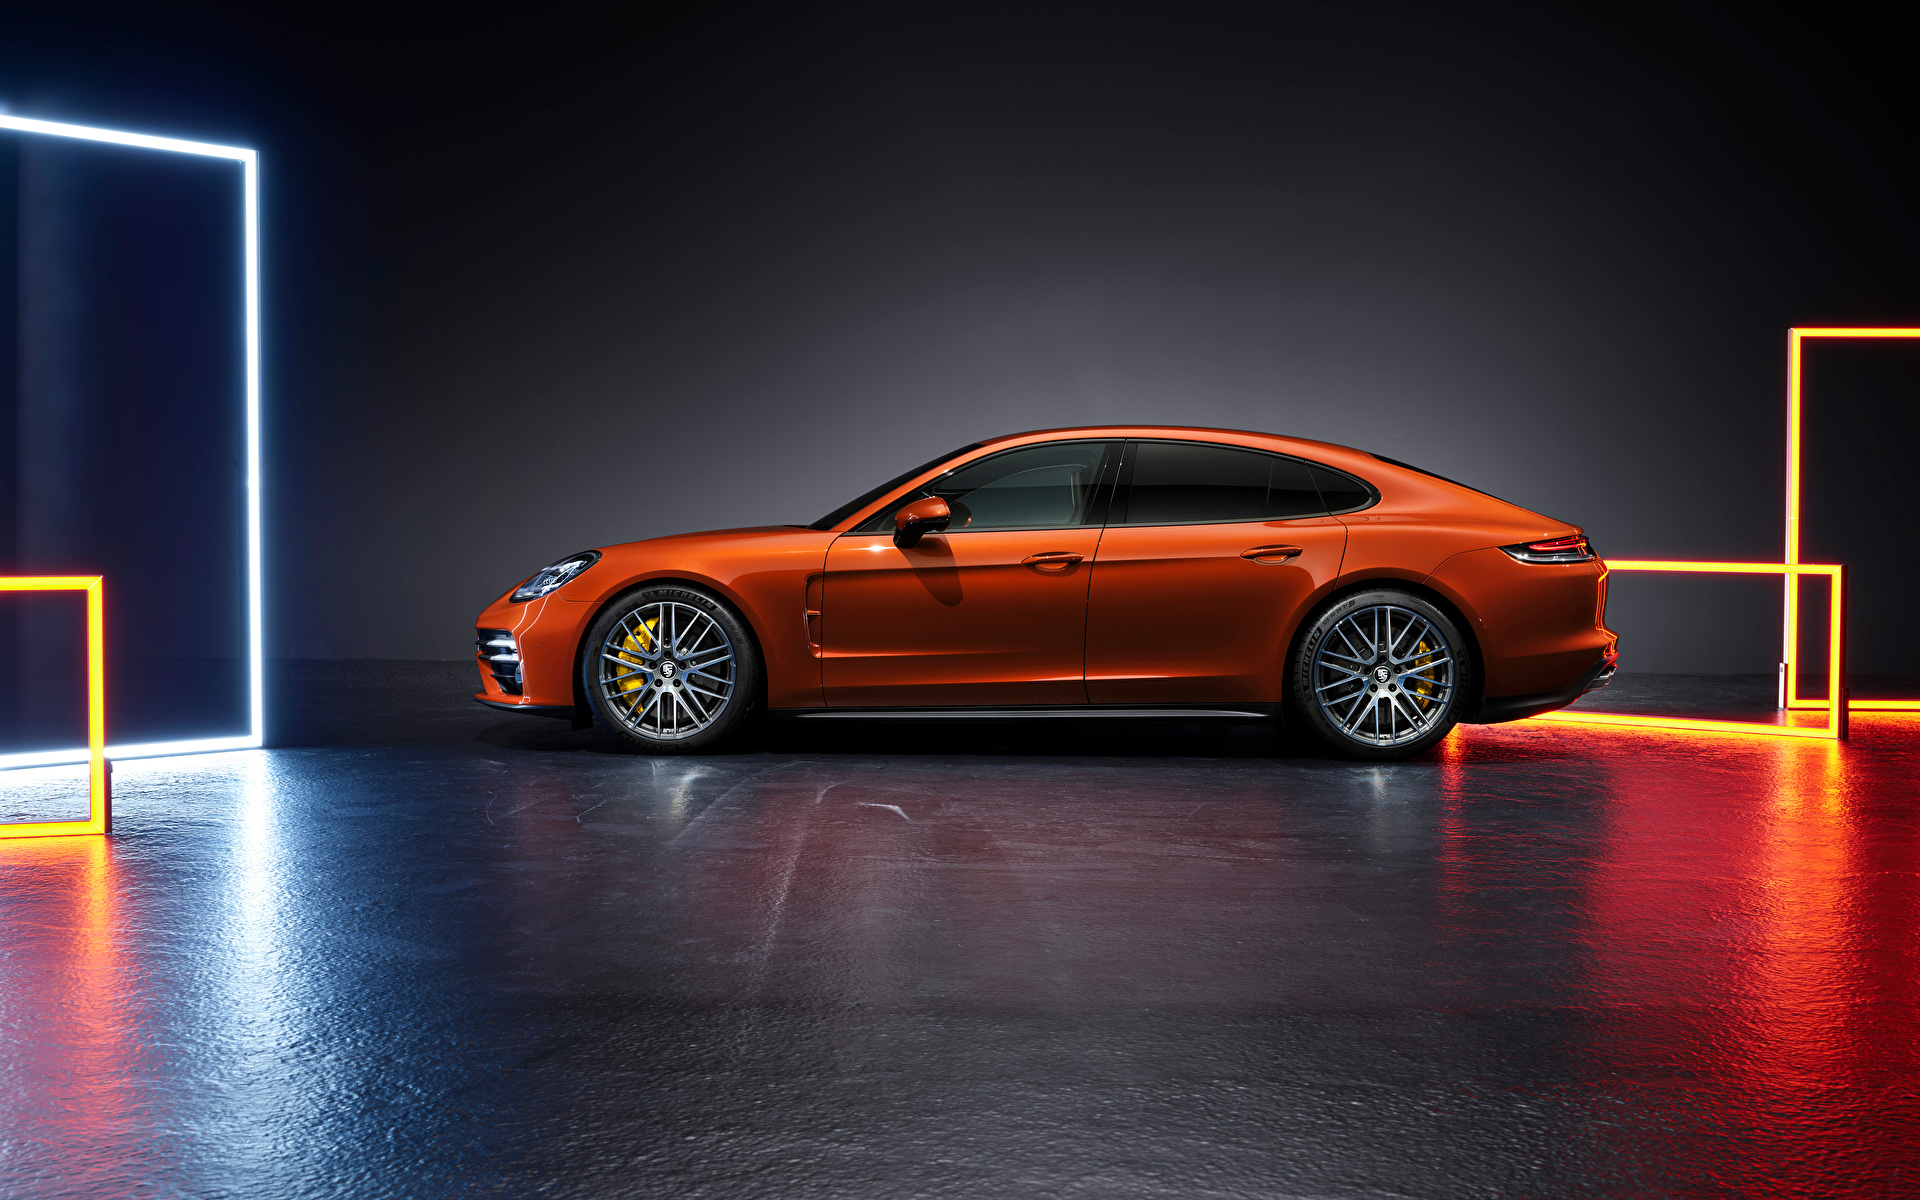 Фото Порше Panamera Turbo S (971), 2020 оранжевая Сбоку Металлик автомобиль 1920x1200 Porsche Оранжевый оранжевые оранжевых авто машины машина Автомобили